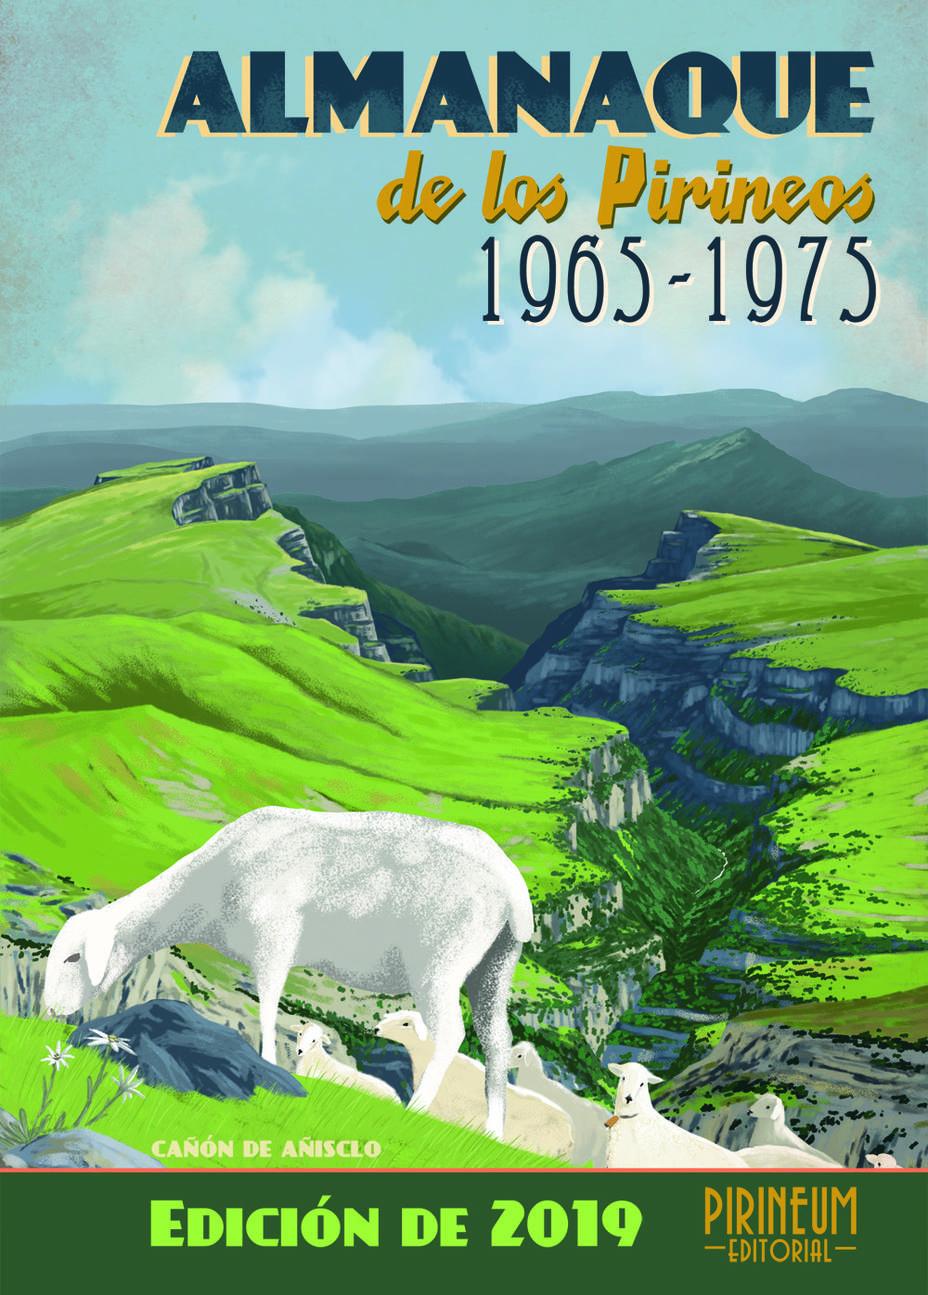 Almanaque de los Pirineos 2019